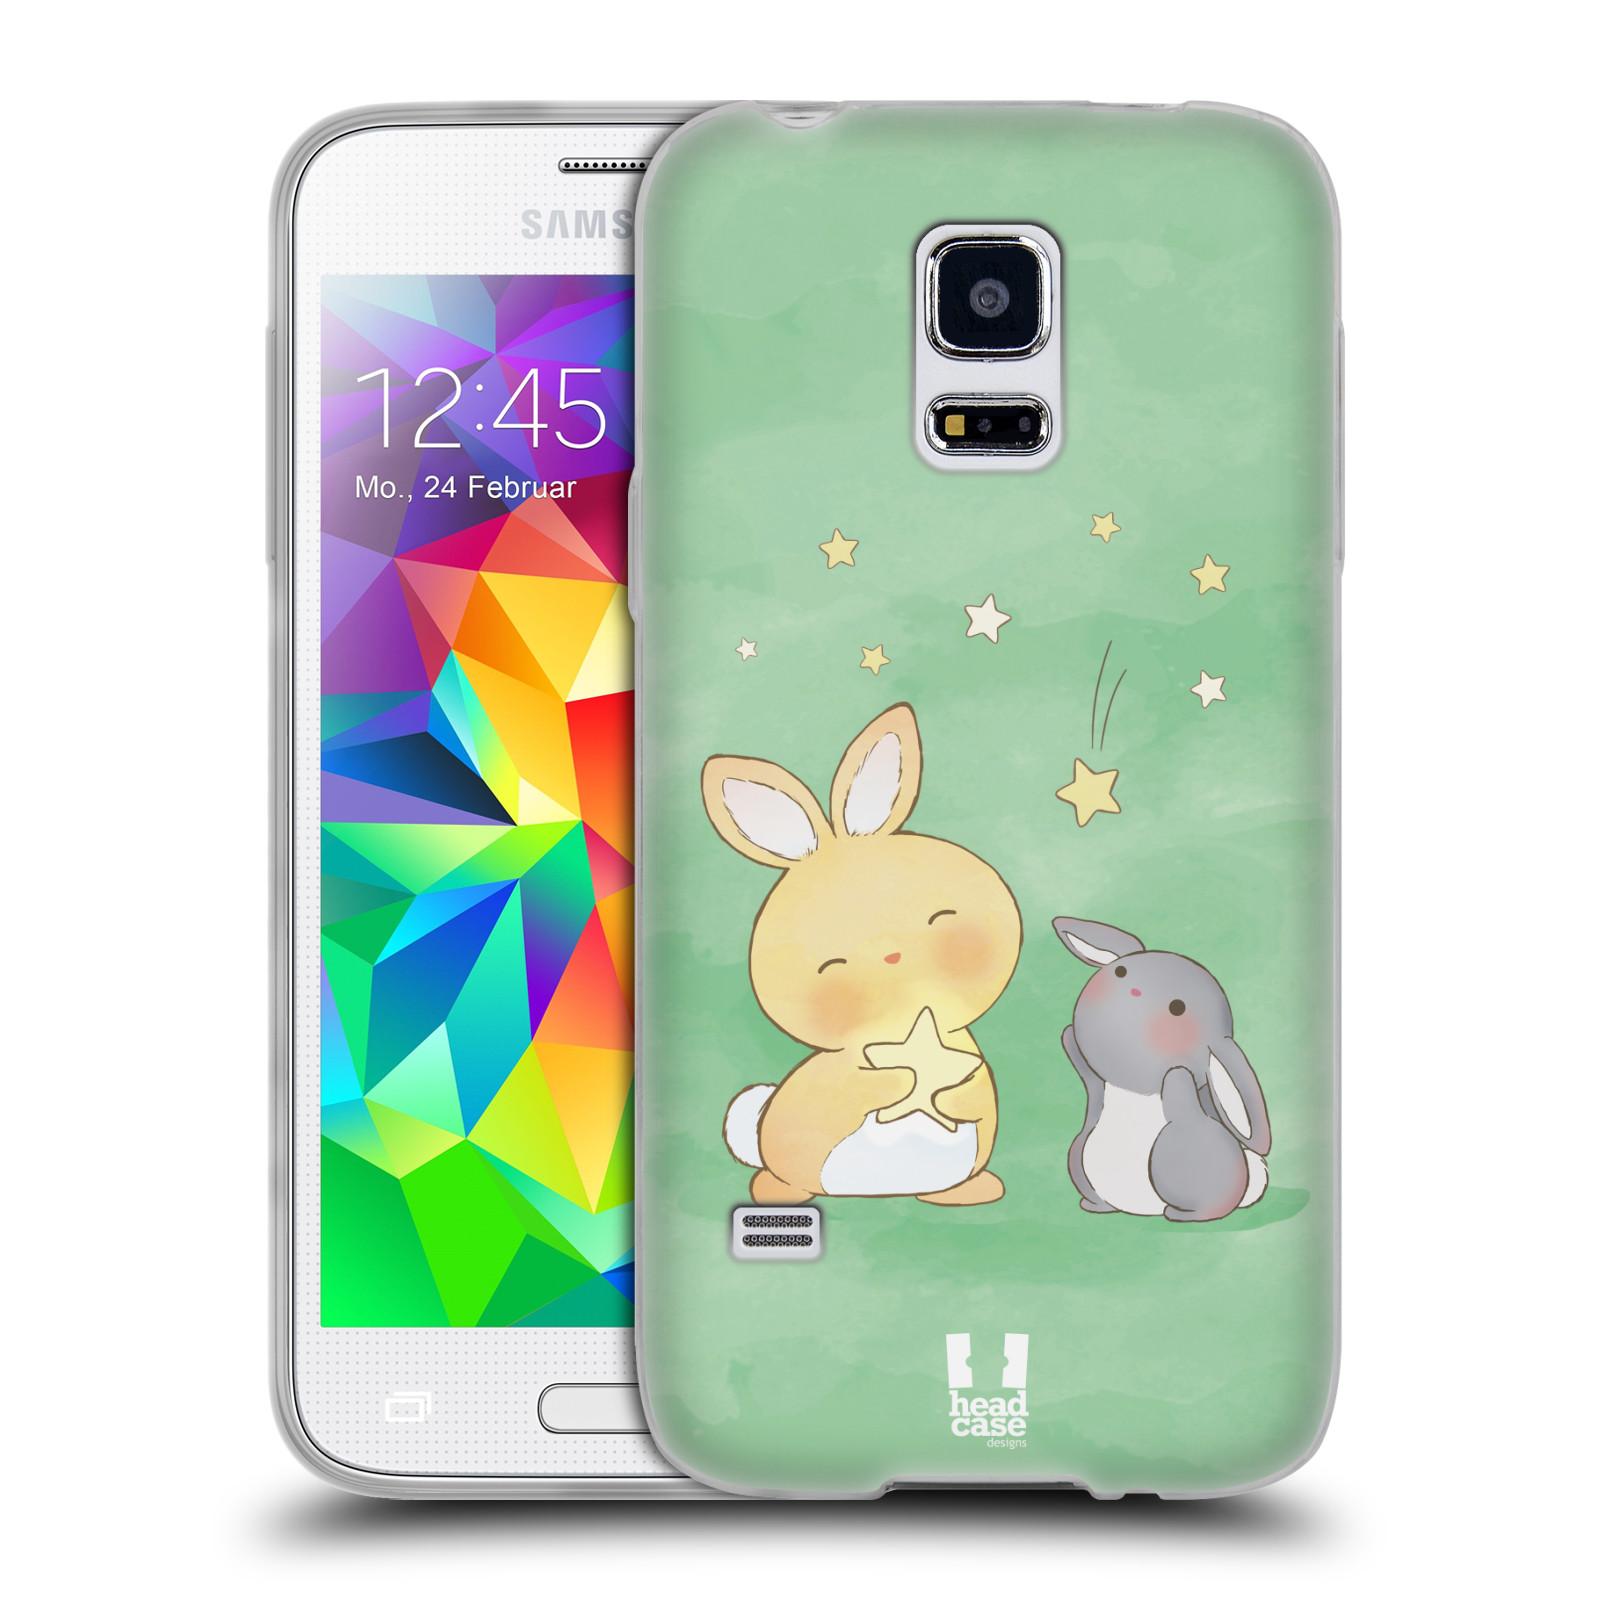 HEAD CASE silikonový obal na mobil Samsung Galaxy S5 MINI vzor králíček a hvězdy zelená